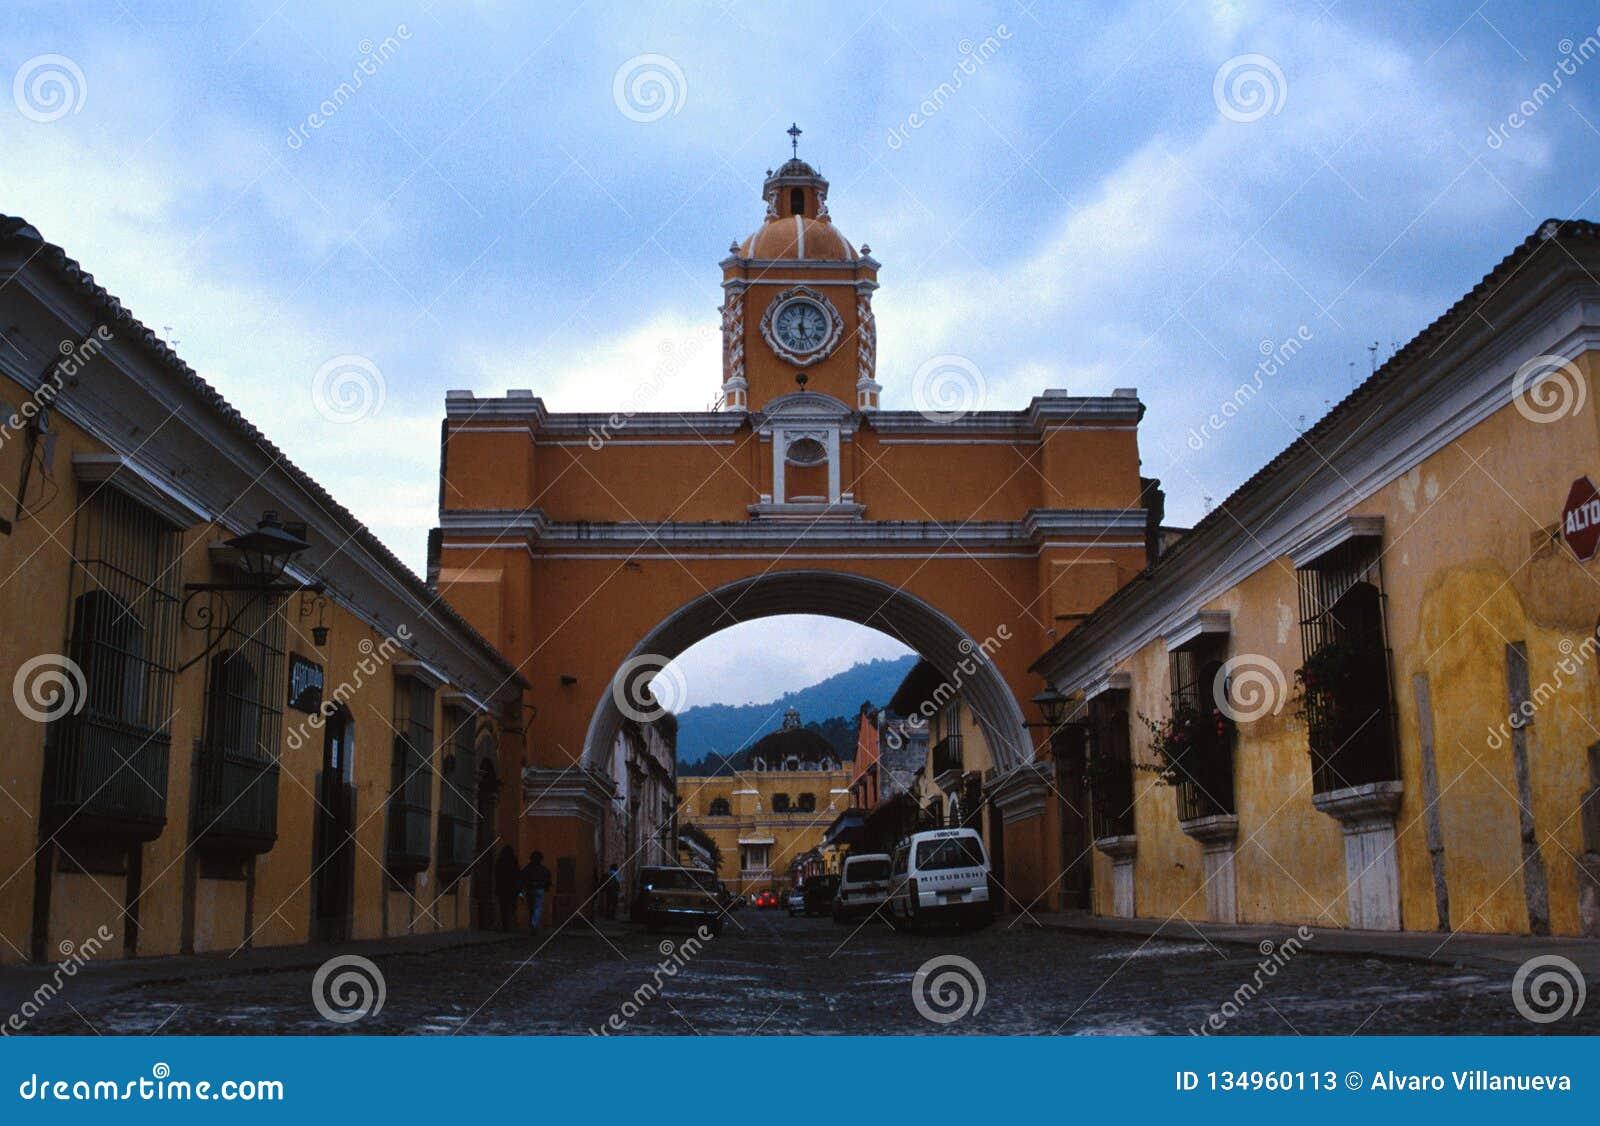 Kościelny łuk nad ulicą w Antigua, Gwatemala